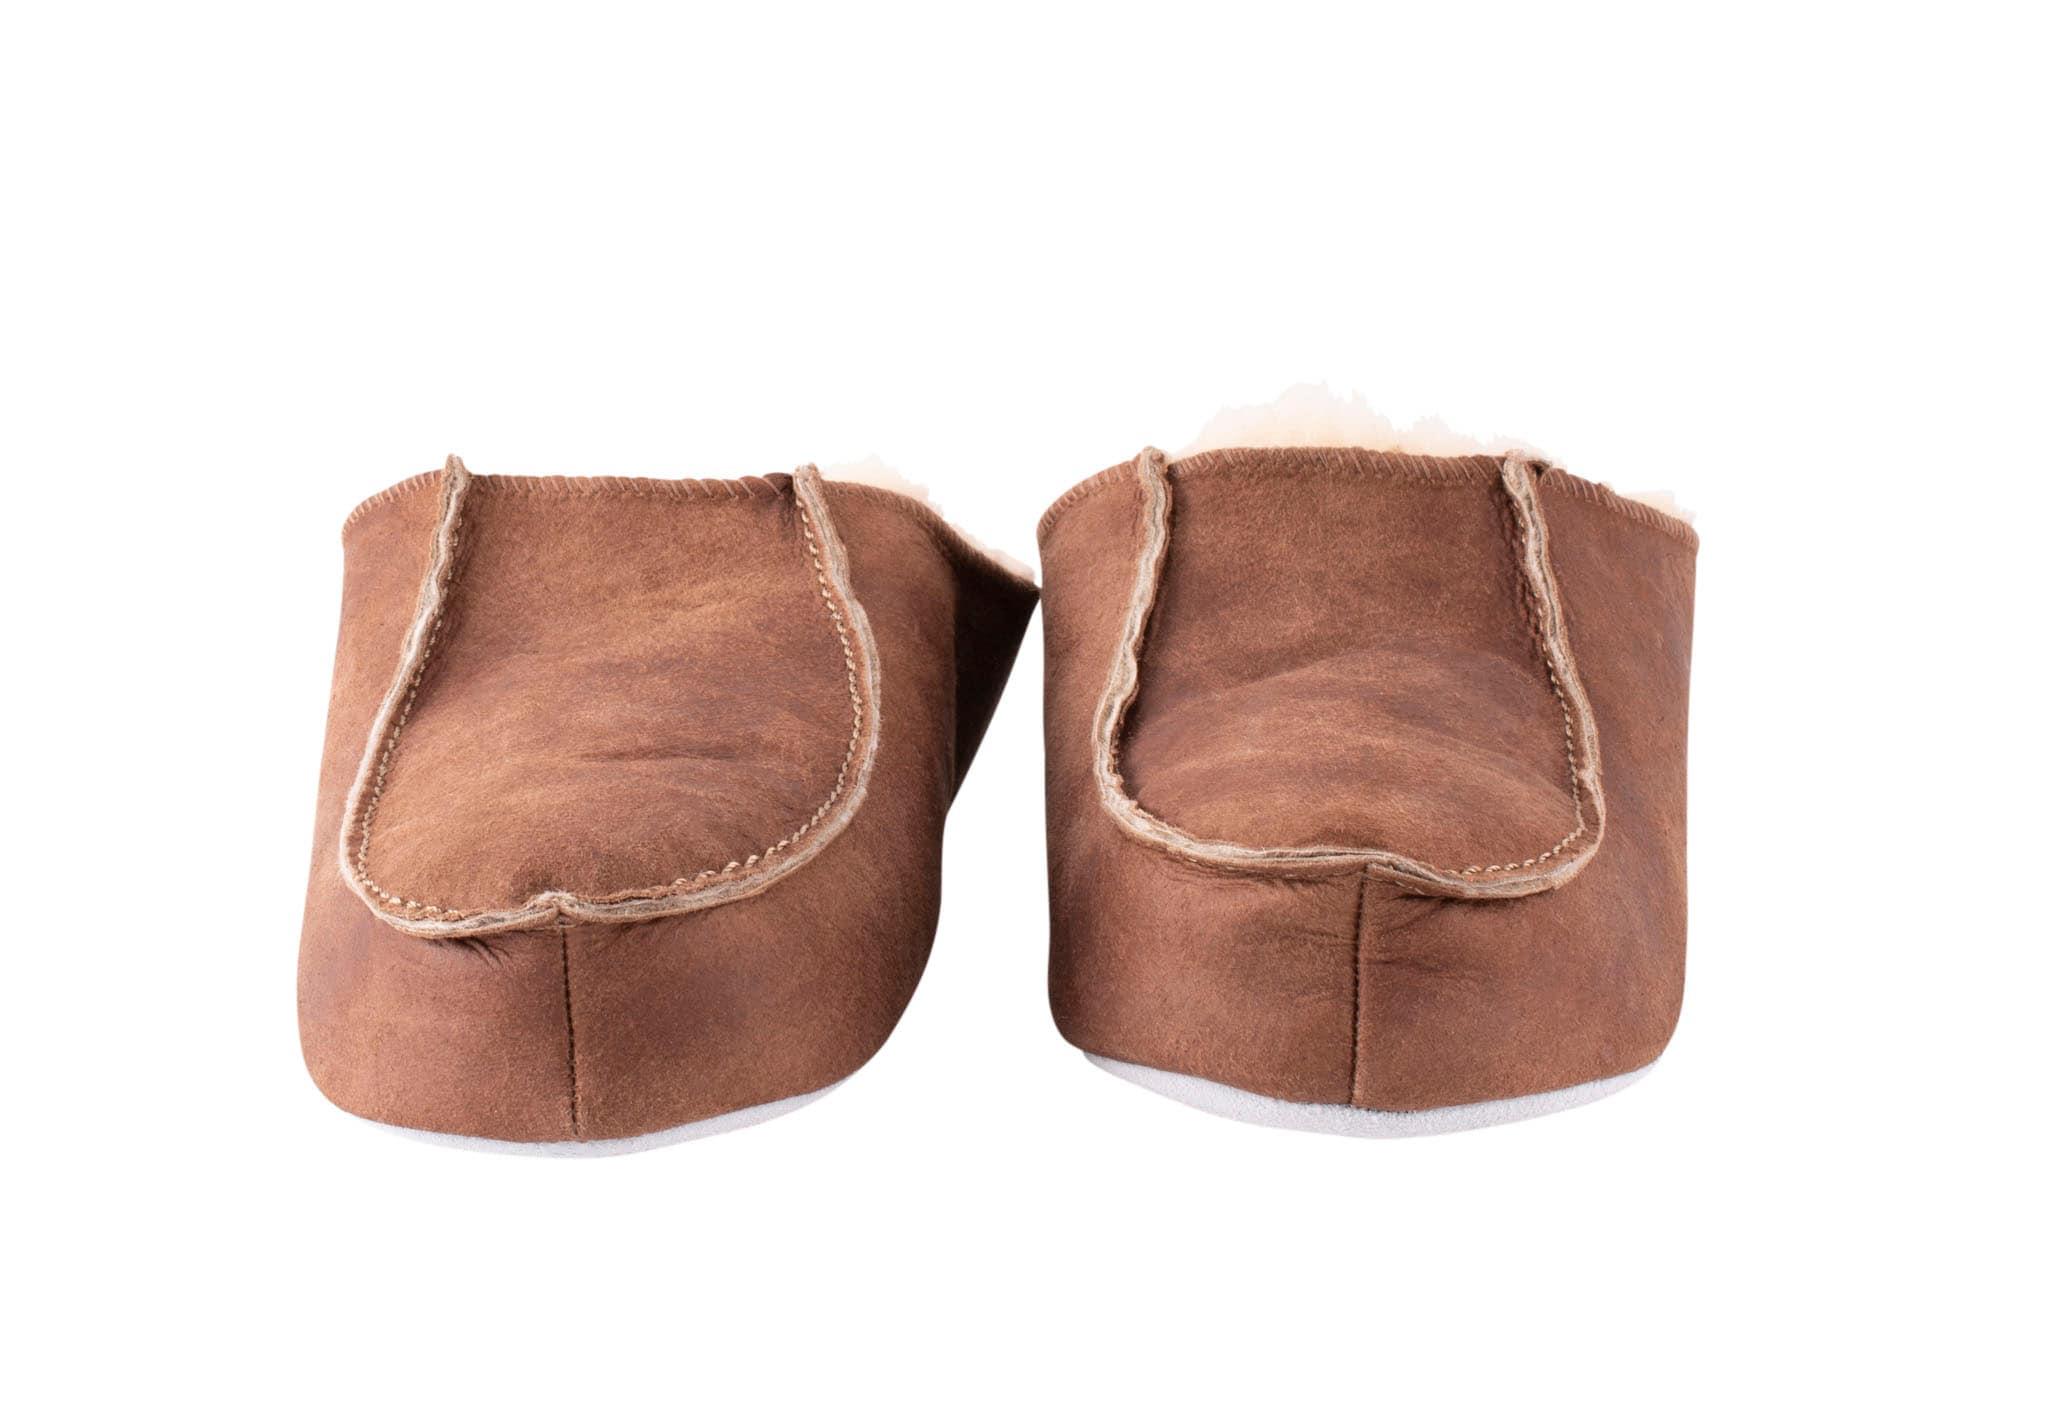 Birro slippers